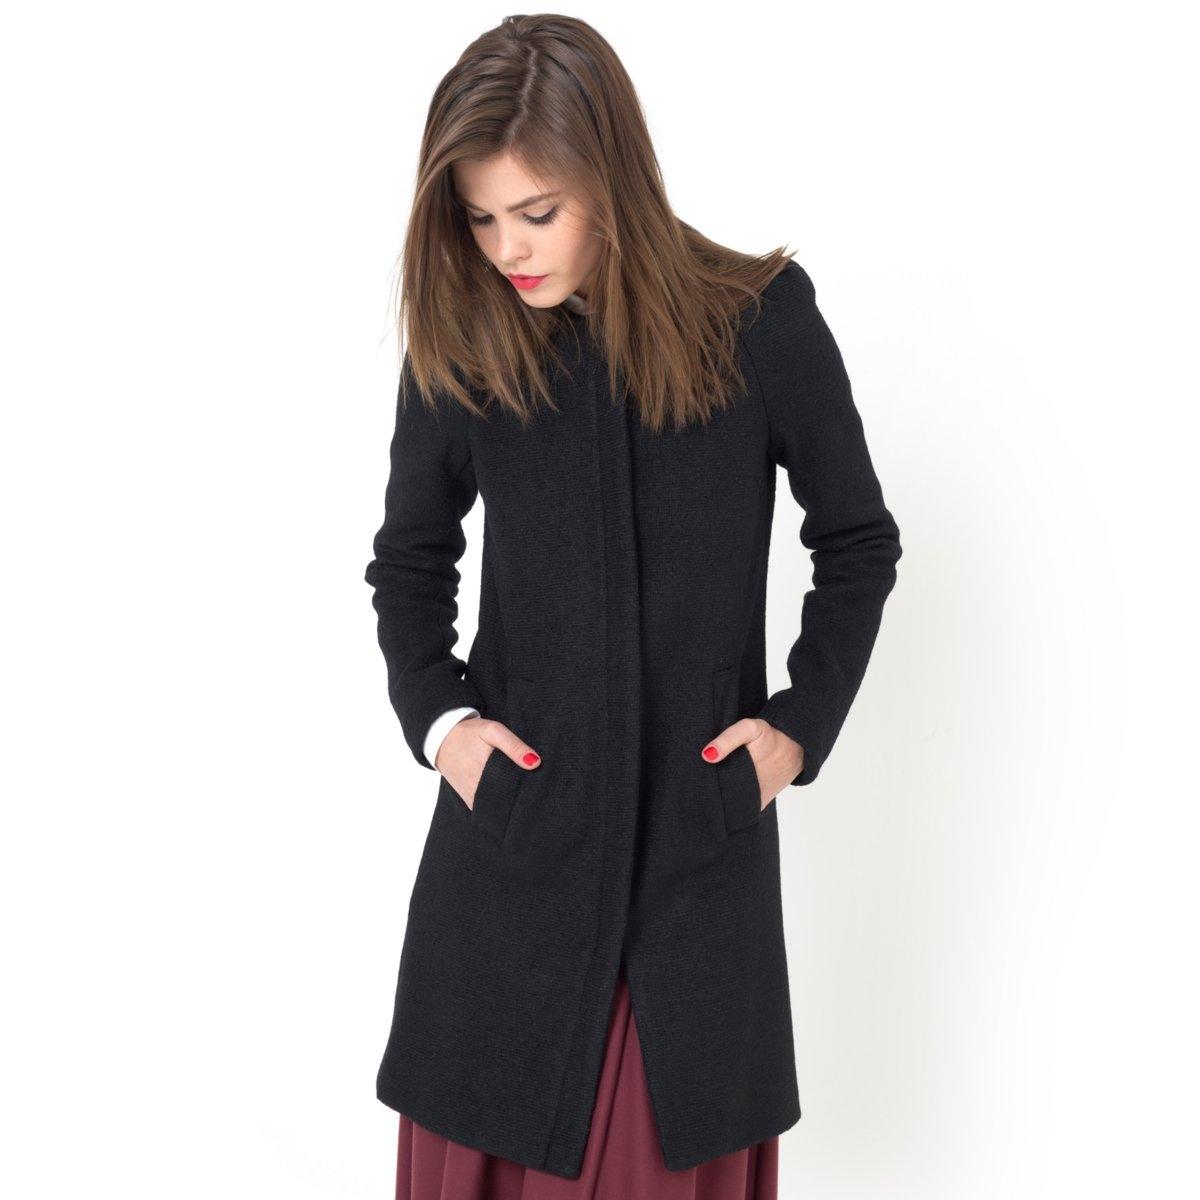 Пальто, 50% шерстиПальто, 50% полиэстера, 50% шерсти. Супатная застежка на молнию. Складки на плечах. 2 кармана. Подкладка из 100% полиэстера с рисунком бантики.Длина 90 см.<br><br>Цвет: черный<br>Размер: 40 (FR) - 46 (RUS)